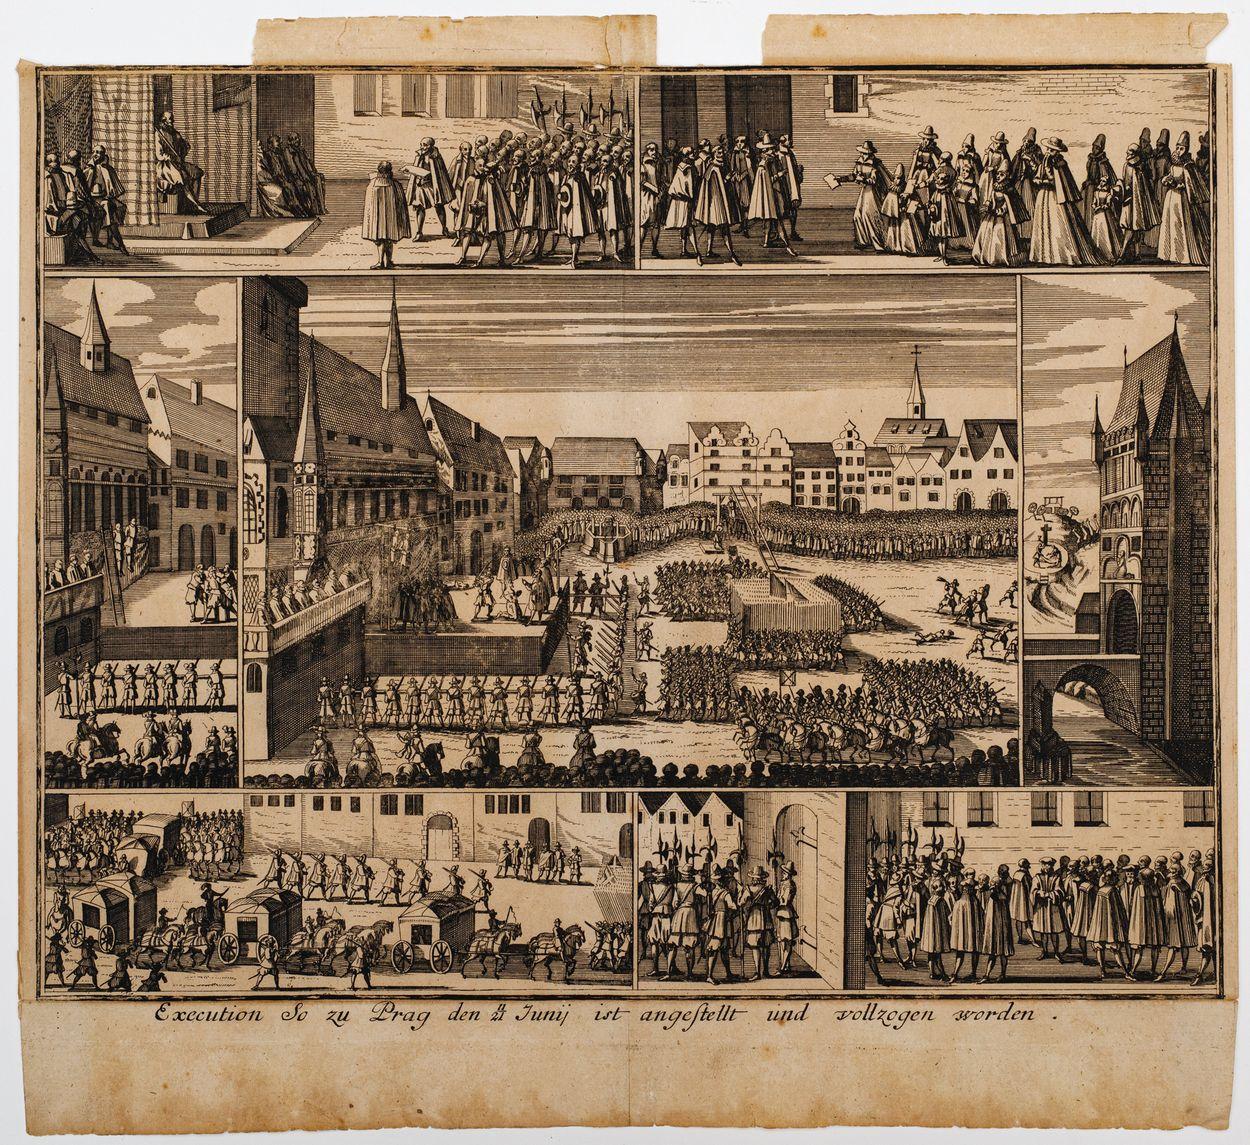 EGZEKUCJA CZESKICH PRZYWÓDCÓW POWSTANIA PRZECIW CESARZOWI FERDYNANDOWI II W PRADZE 21 CZERWCA 1621